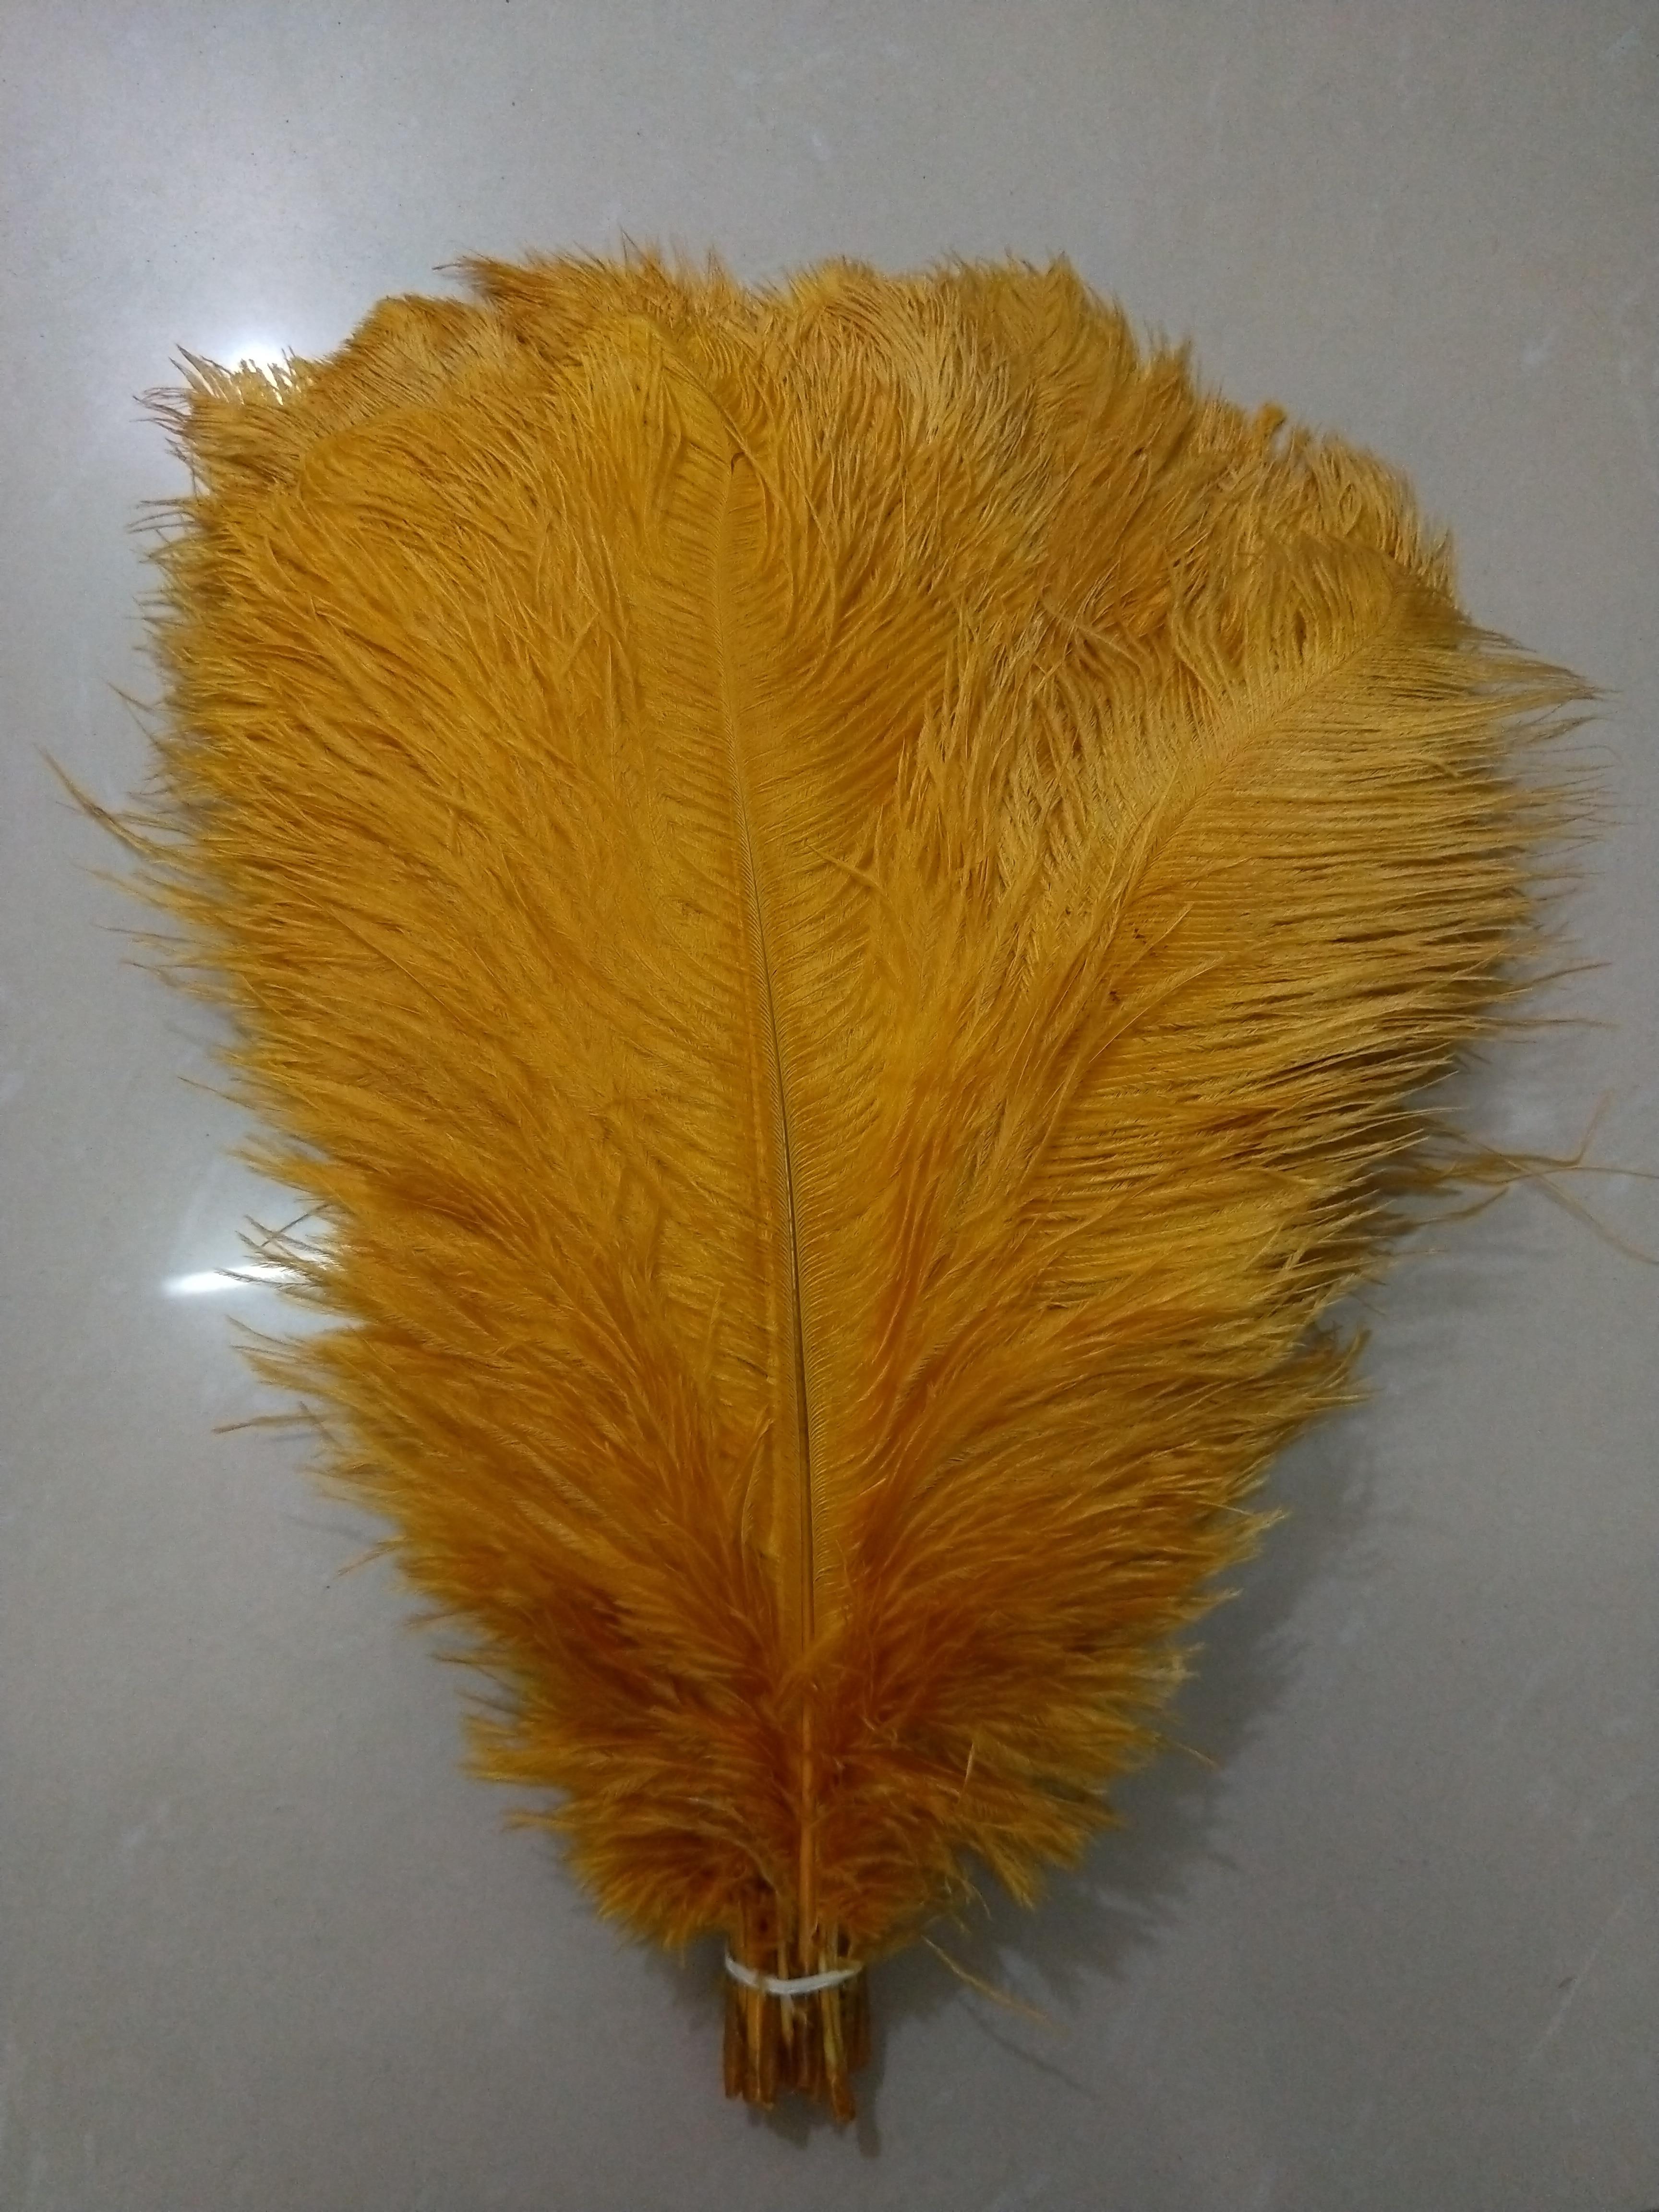 50 unids/lote de plumas de avestruz doradas 40-45 cm/16 to18 pulgadas, plumas de avestruz espléndidas para decoraciones de boda, penacho